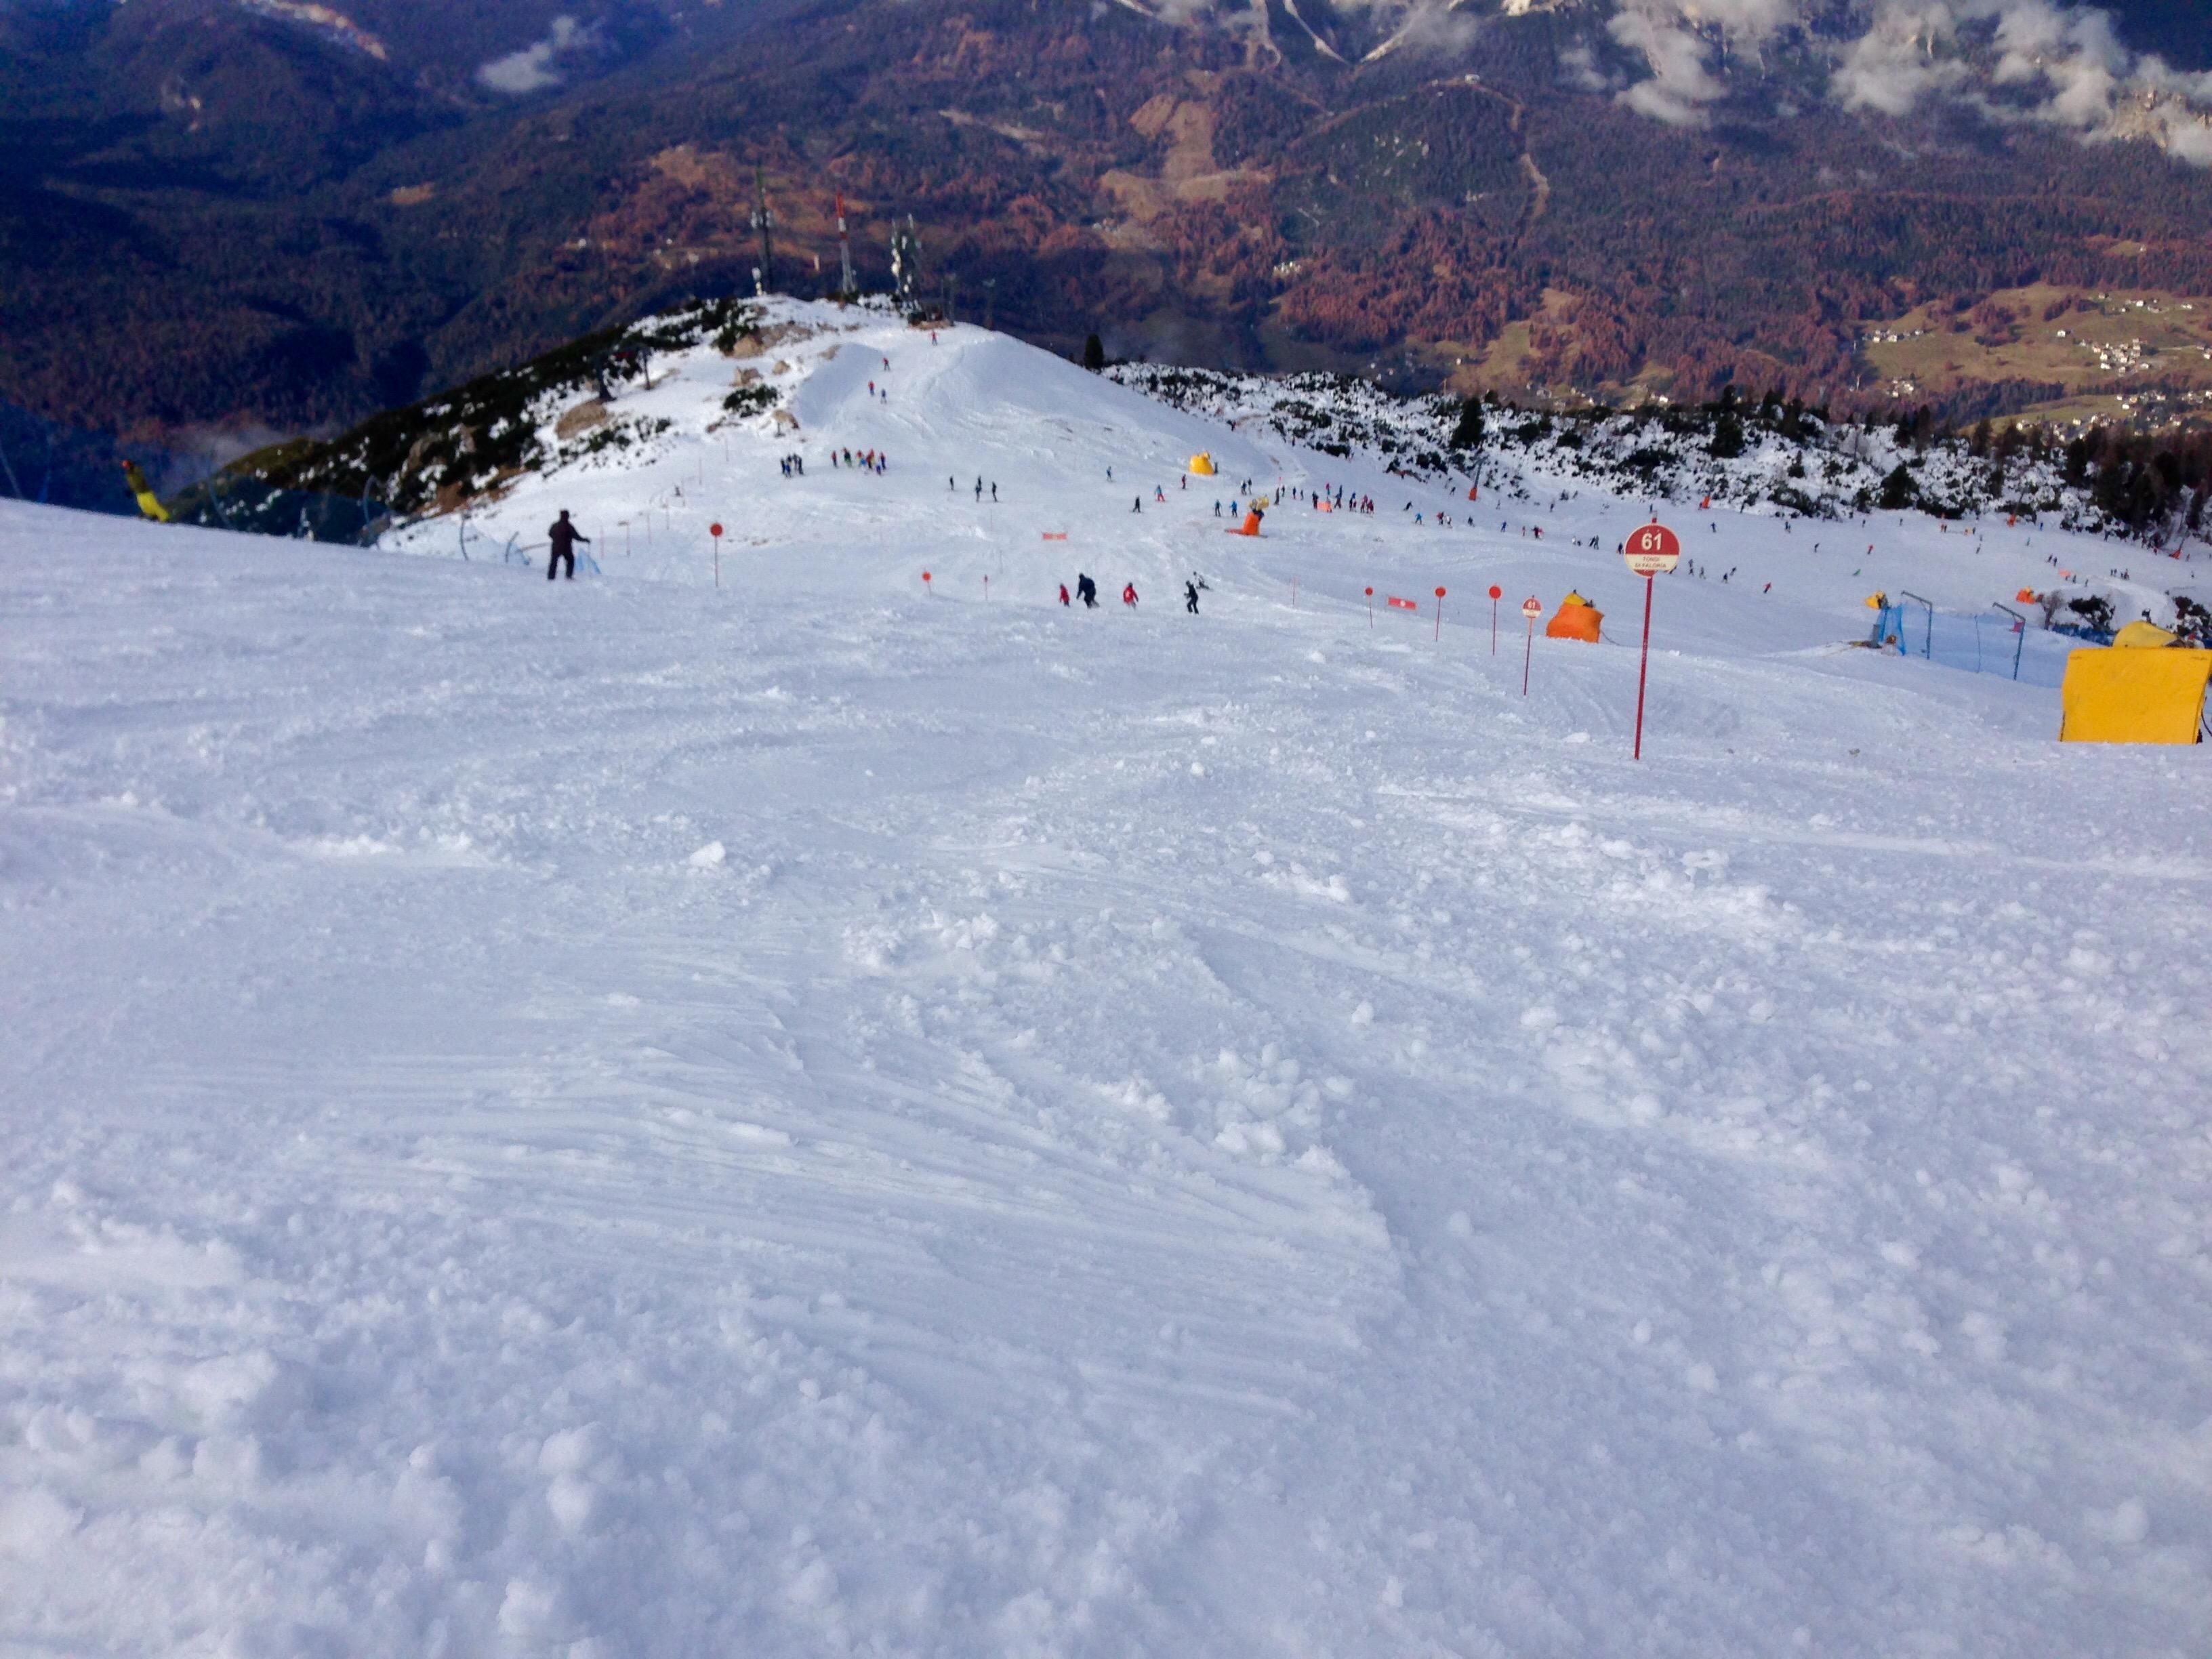 Boarderline_cortina_d_ampezzo_snowboard_scuola_snowboard_noleggio_apertura_faloria_cortinacube5